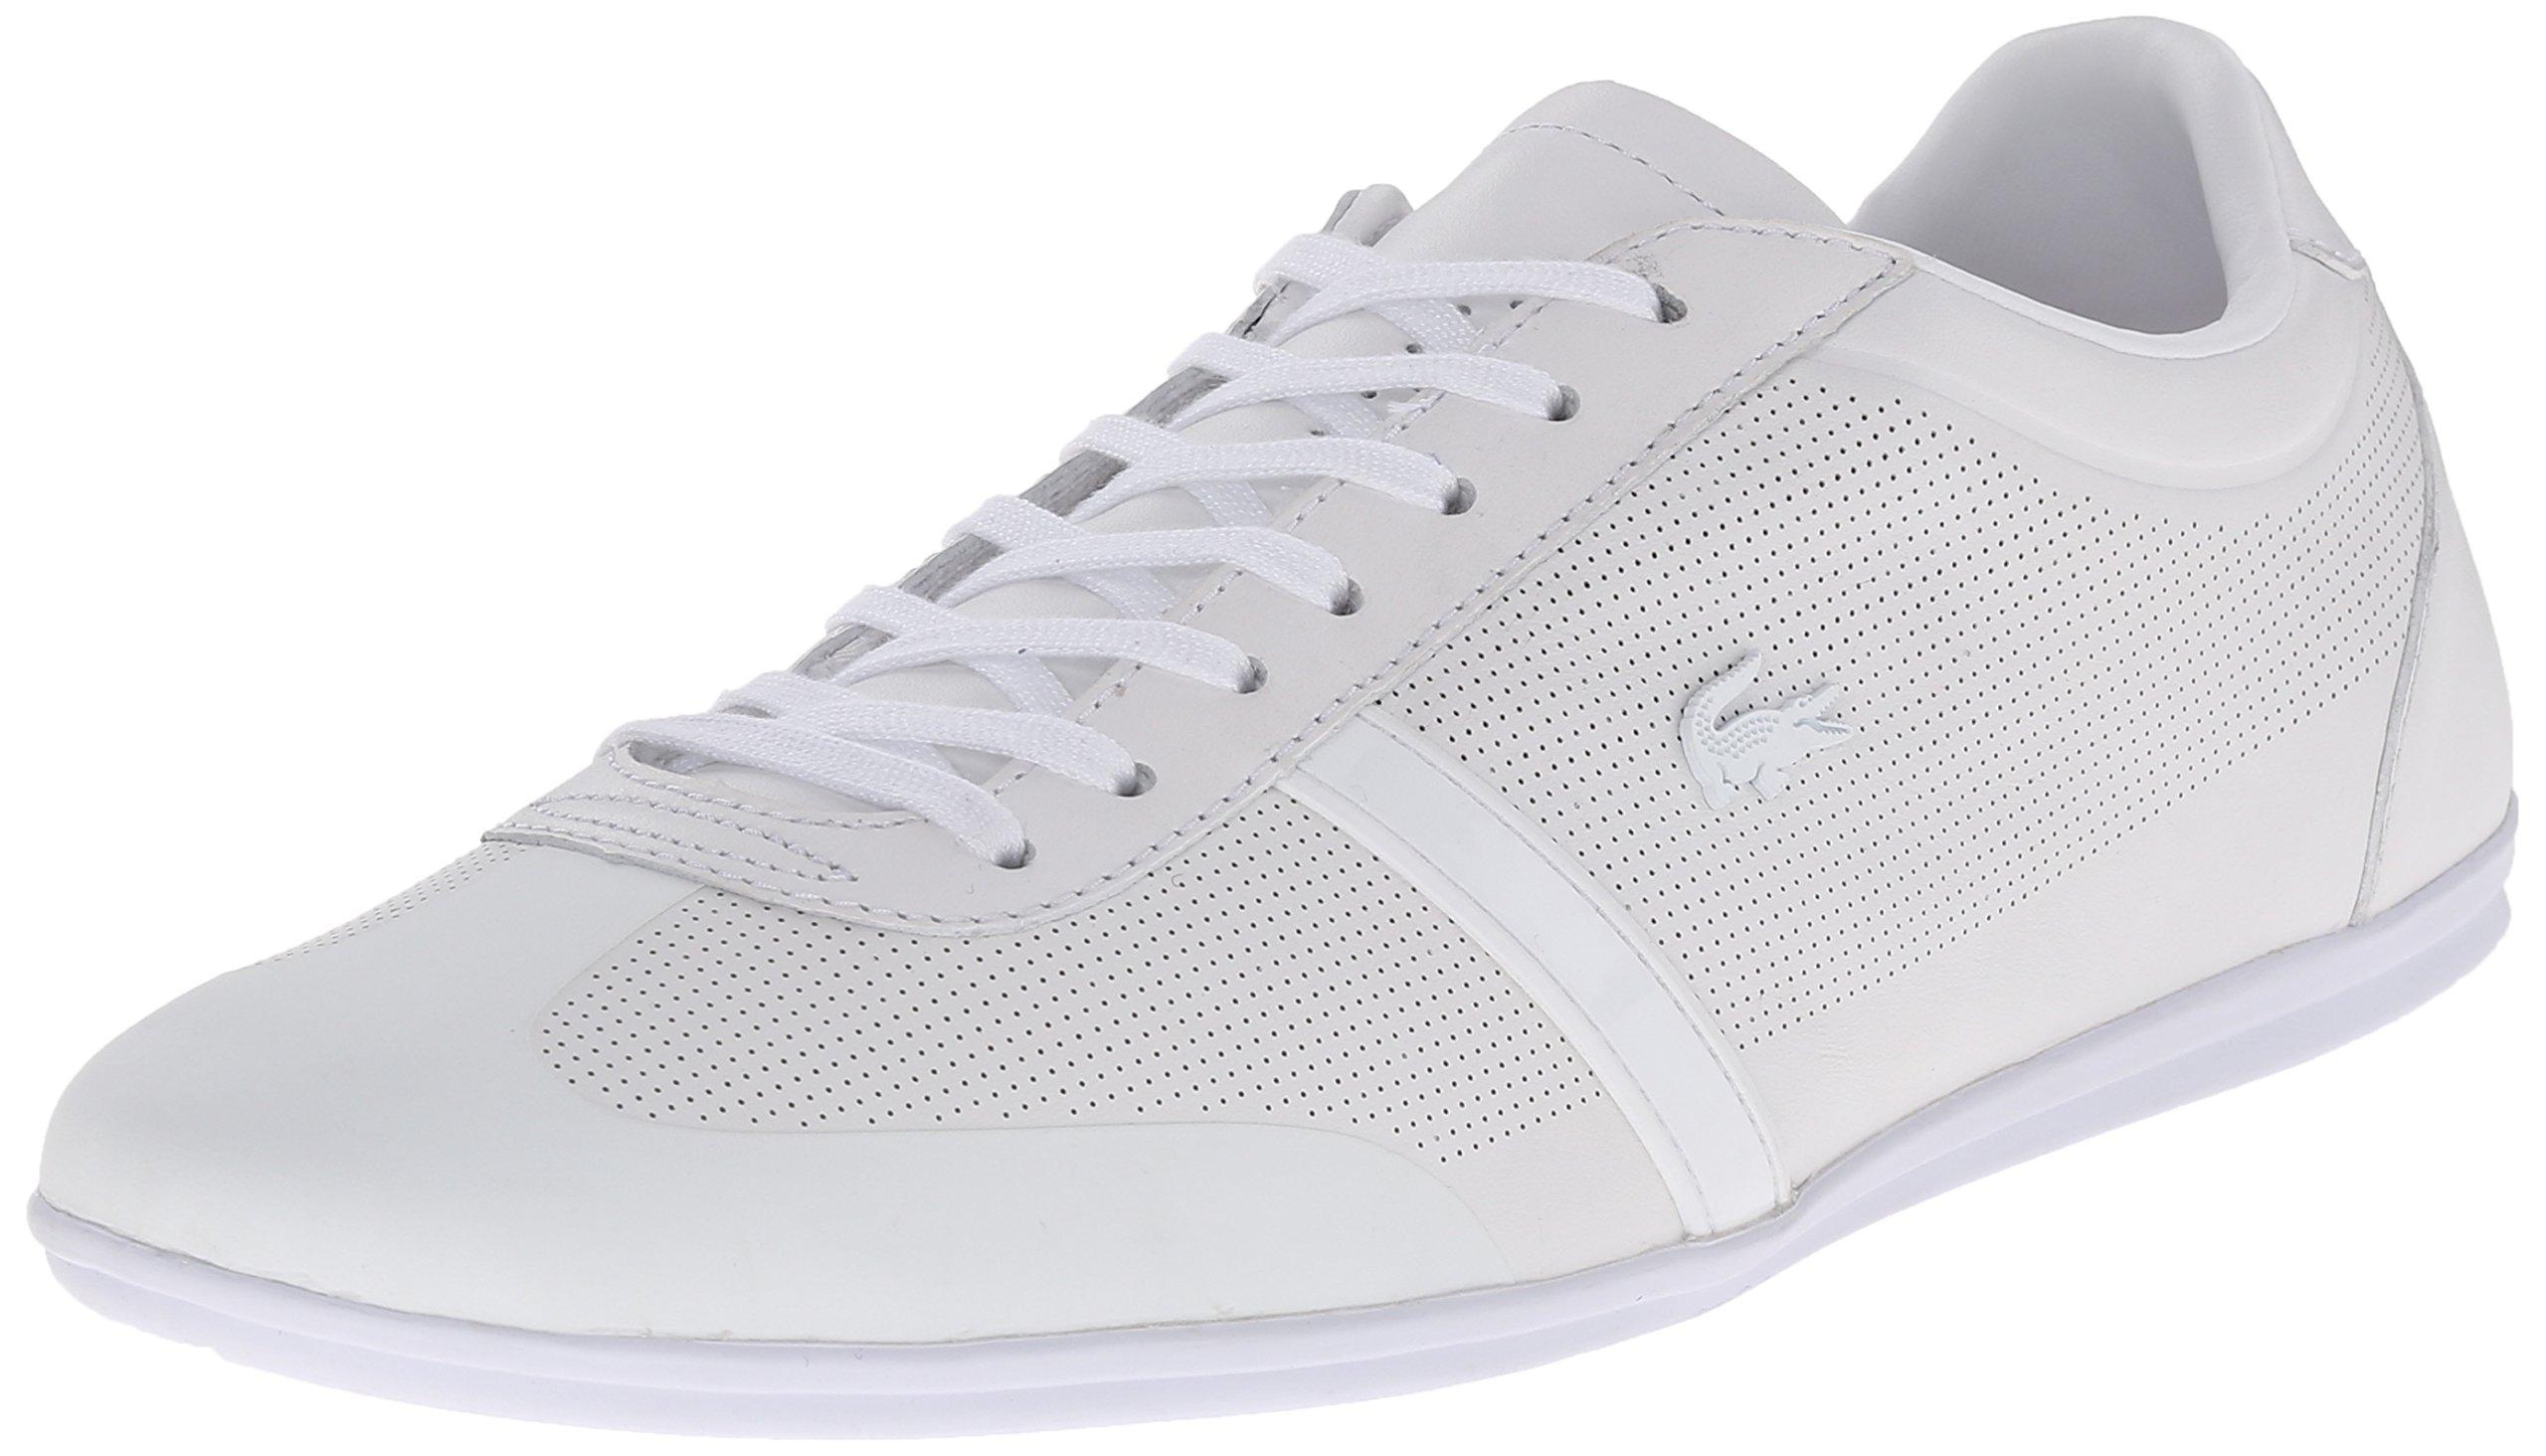 Lacoste Men's Mokara 116 1 Cam Fashion Sneaker Fashion Sneaker, White, 11.5 M US